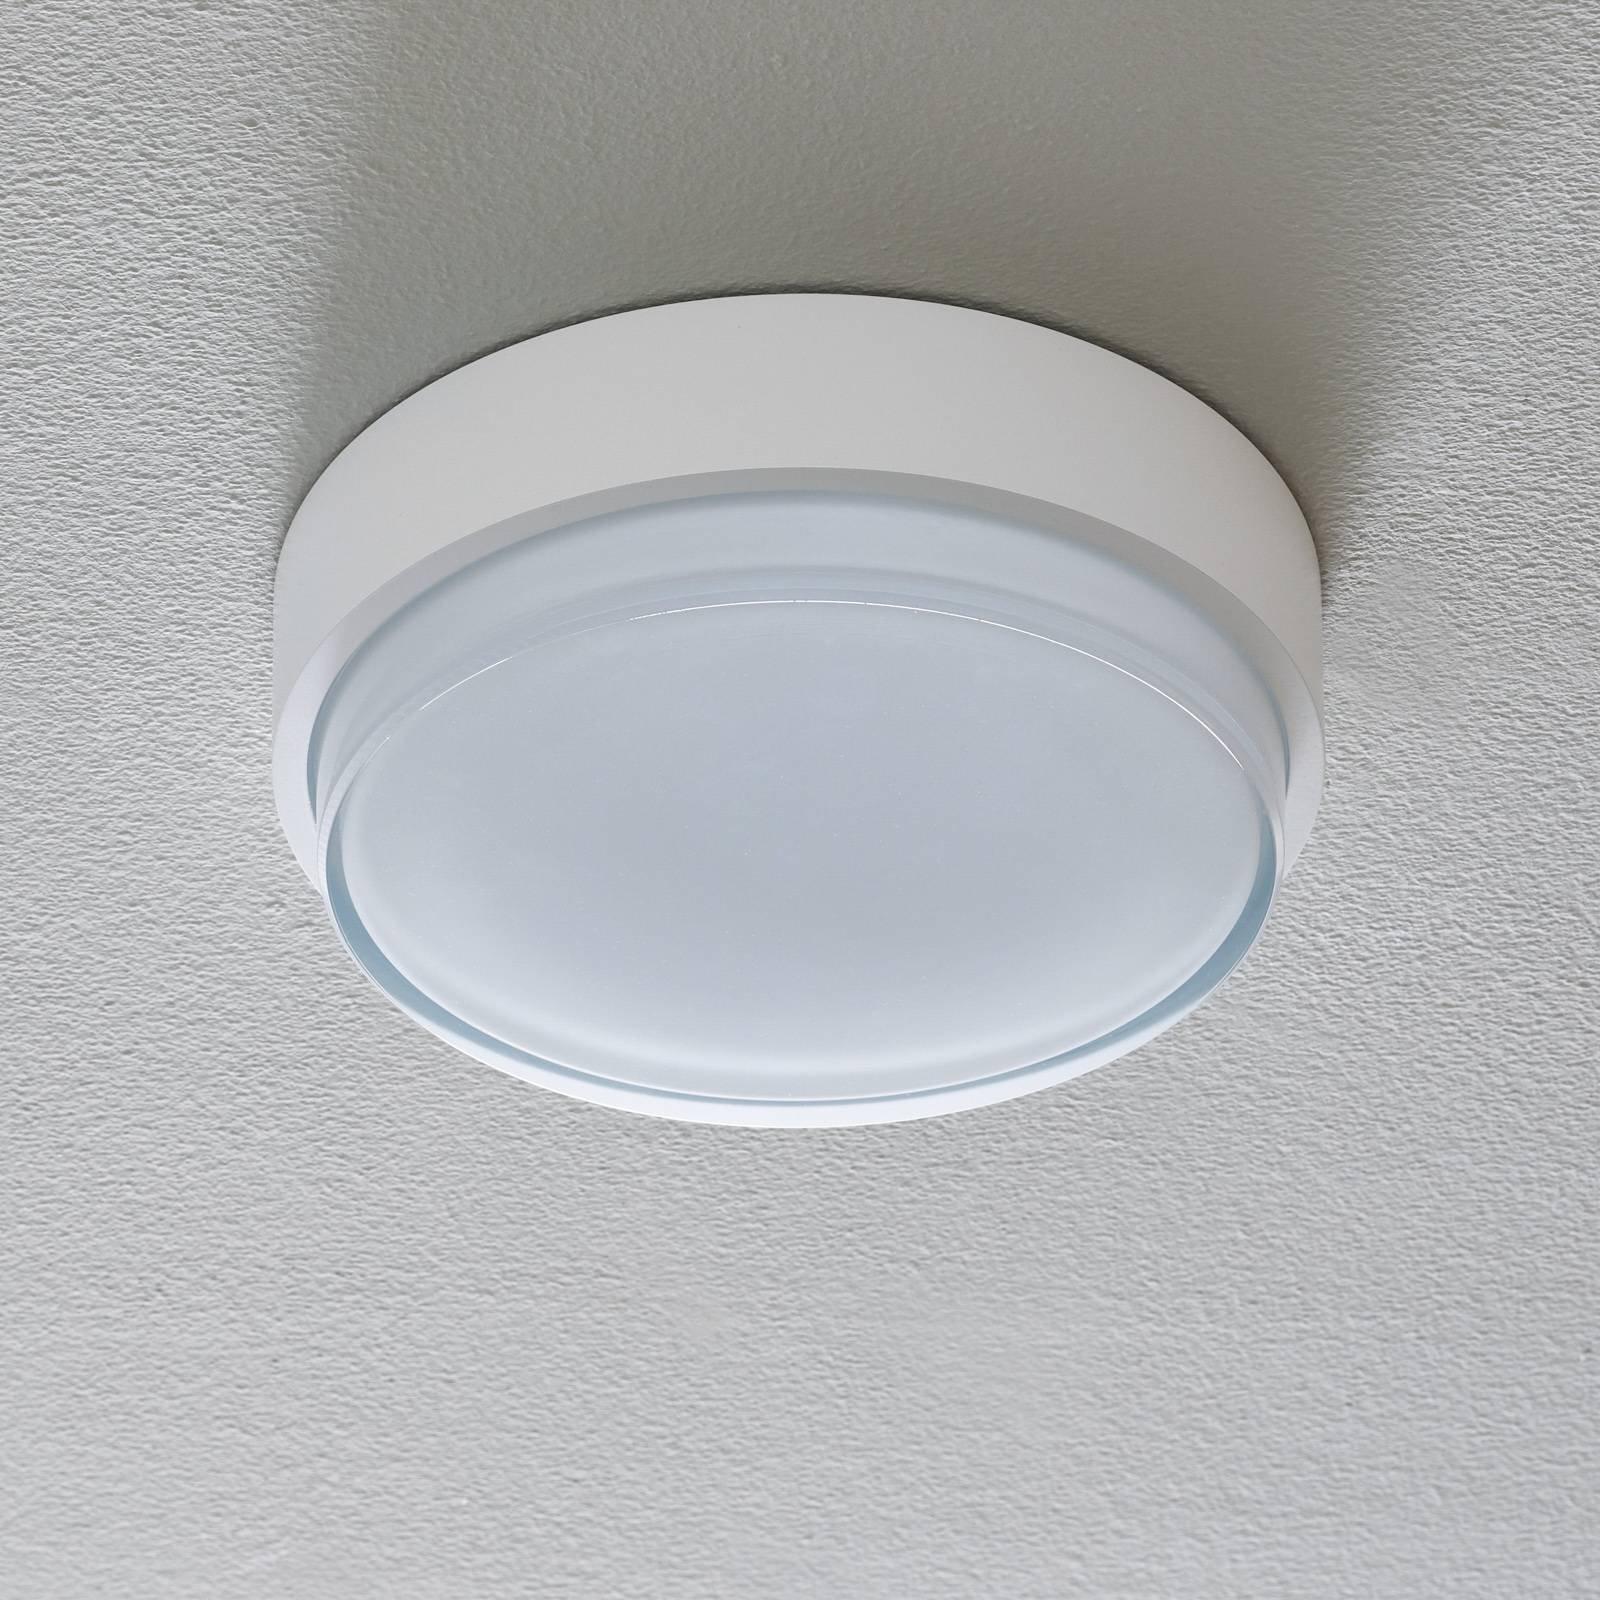 BEGA 50537 taklampe DALI 3 000 K hvit Ø26cm